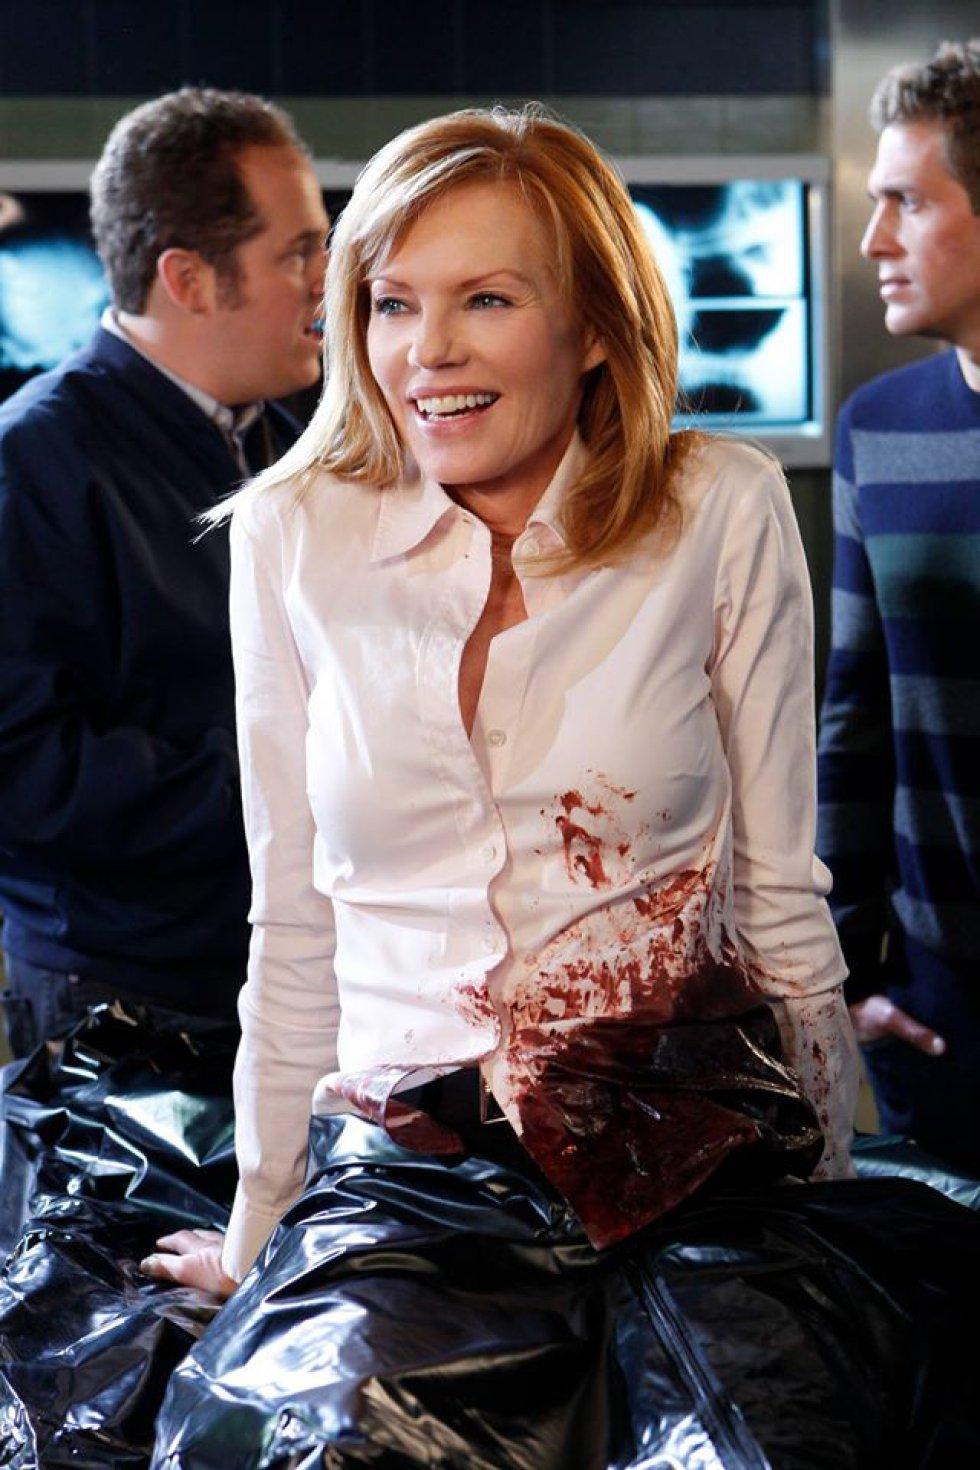 La serie vio nacer un nuevo formato de producción televisiva, mezclando lo mejor de las series de policías e investigadores, saltando hacía la medicina forense.